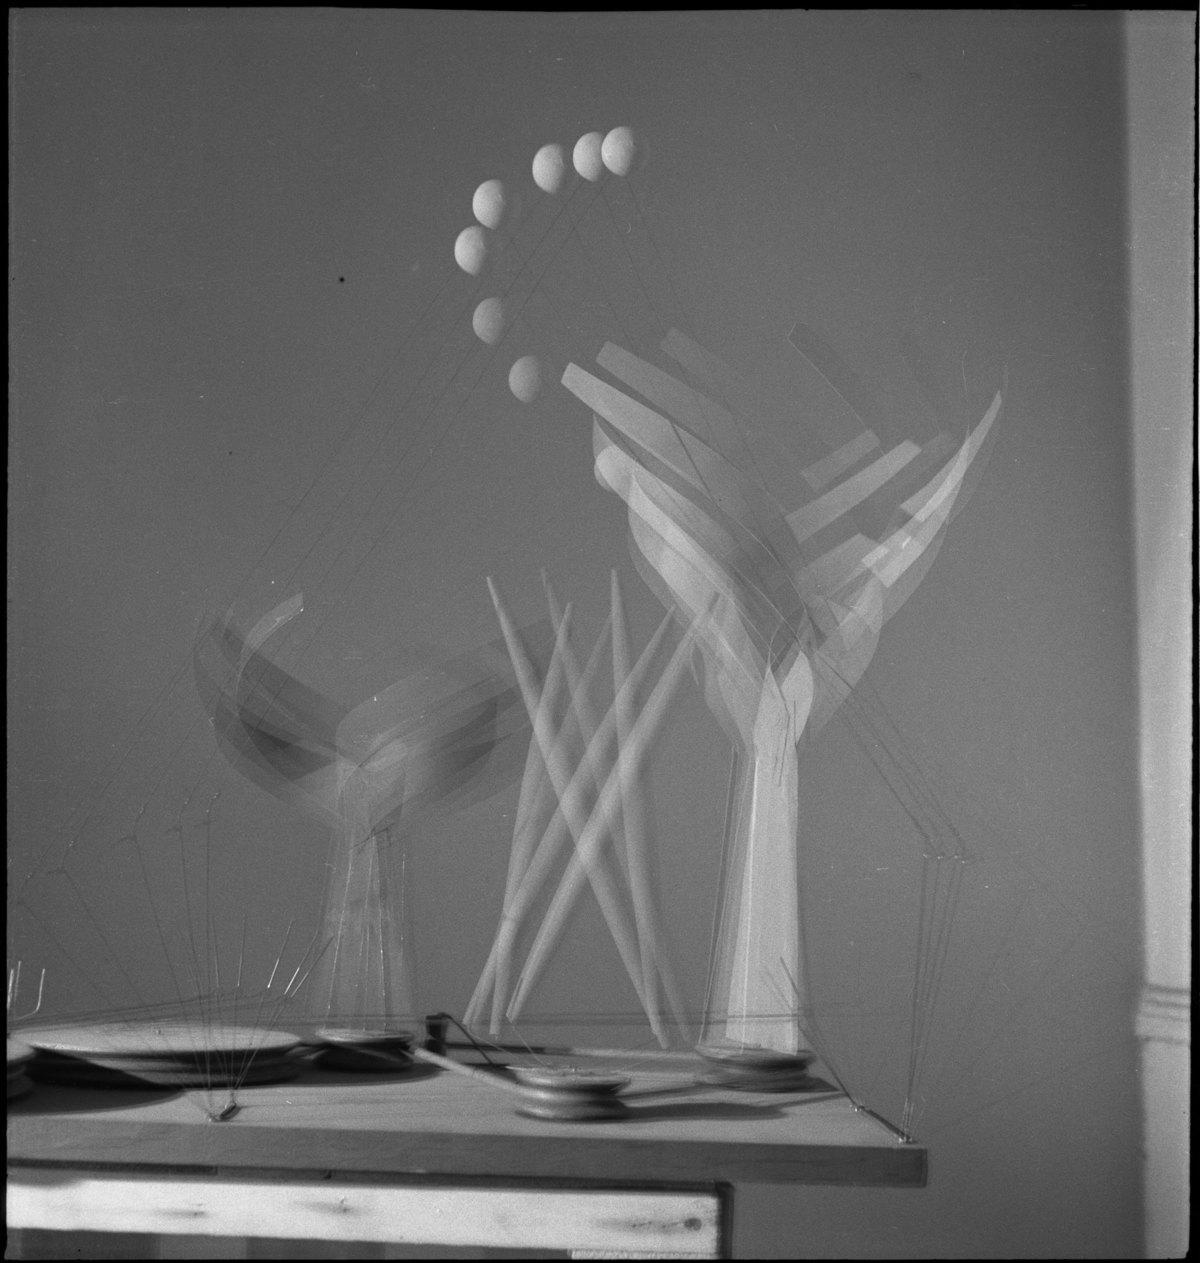 Alexander Calder (1898–1976), Dancers and Sphere